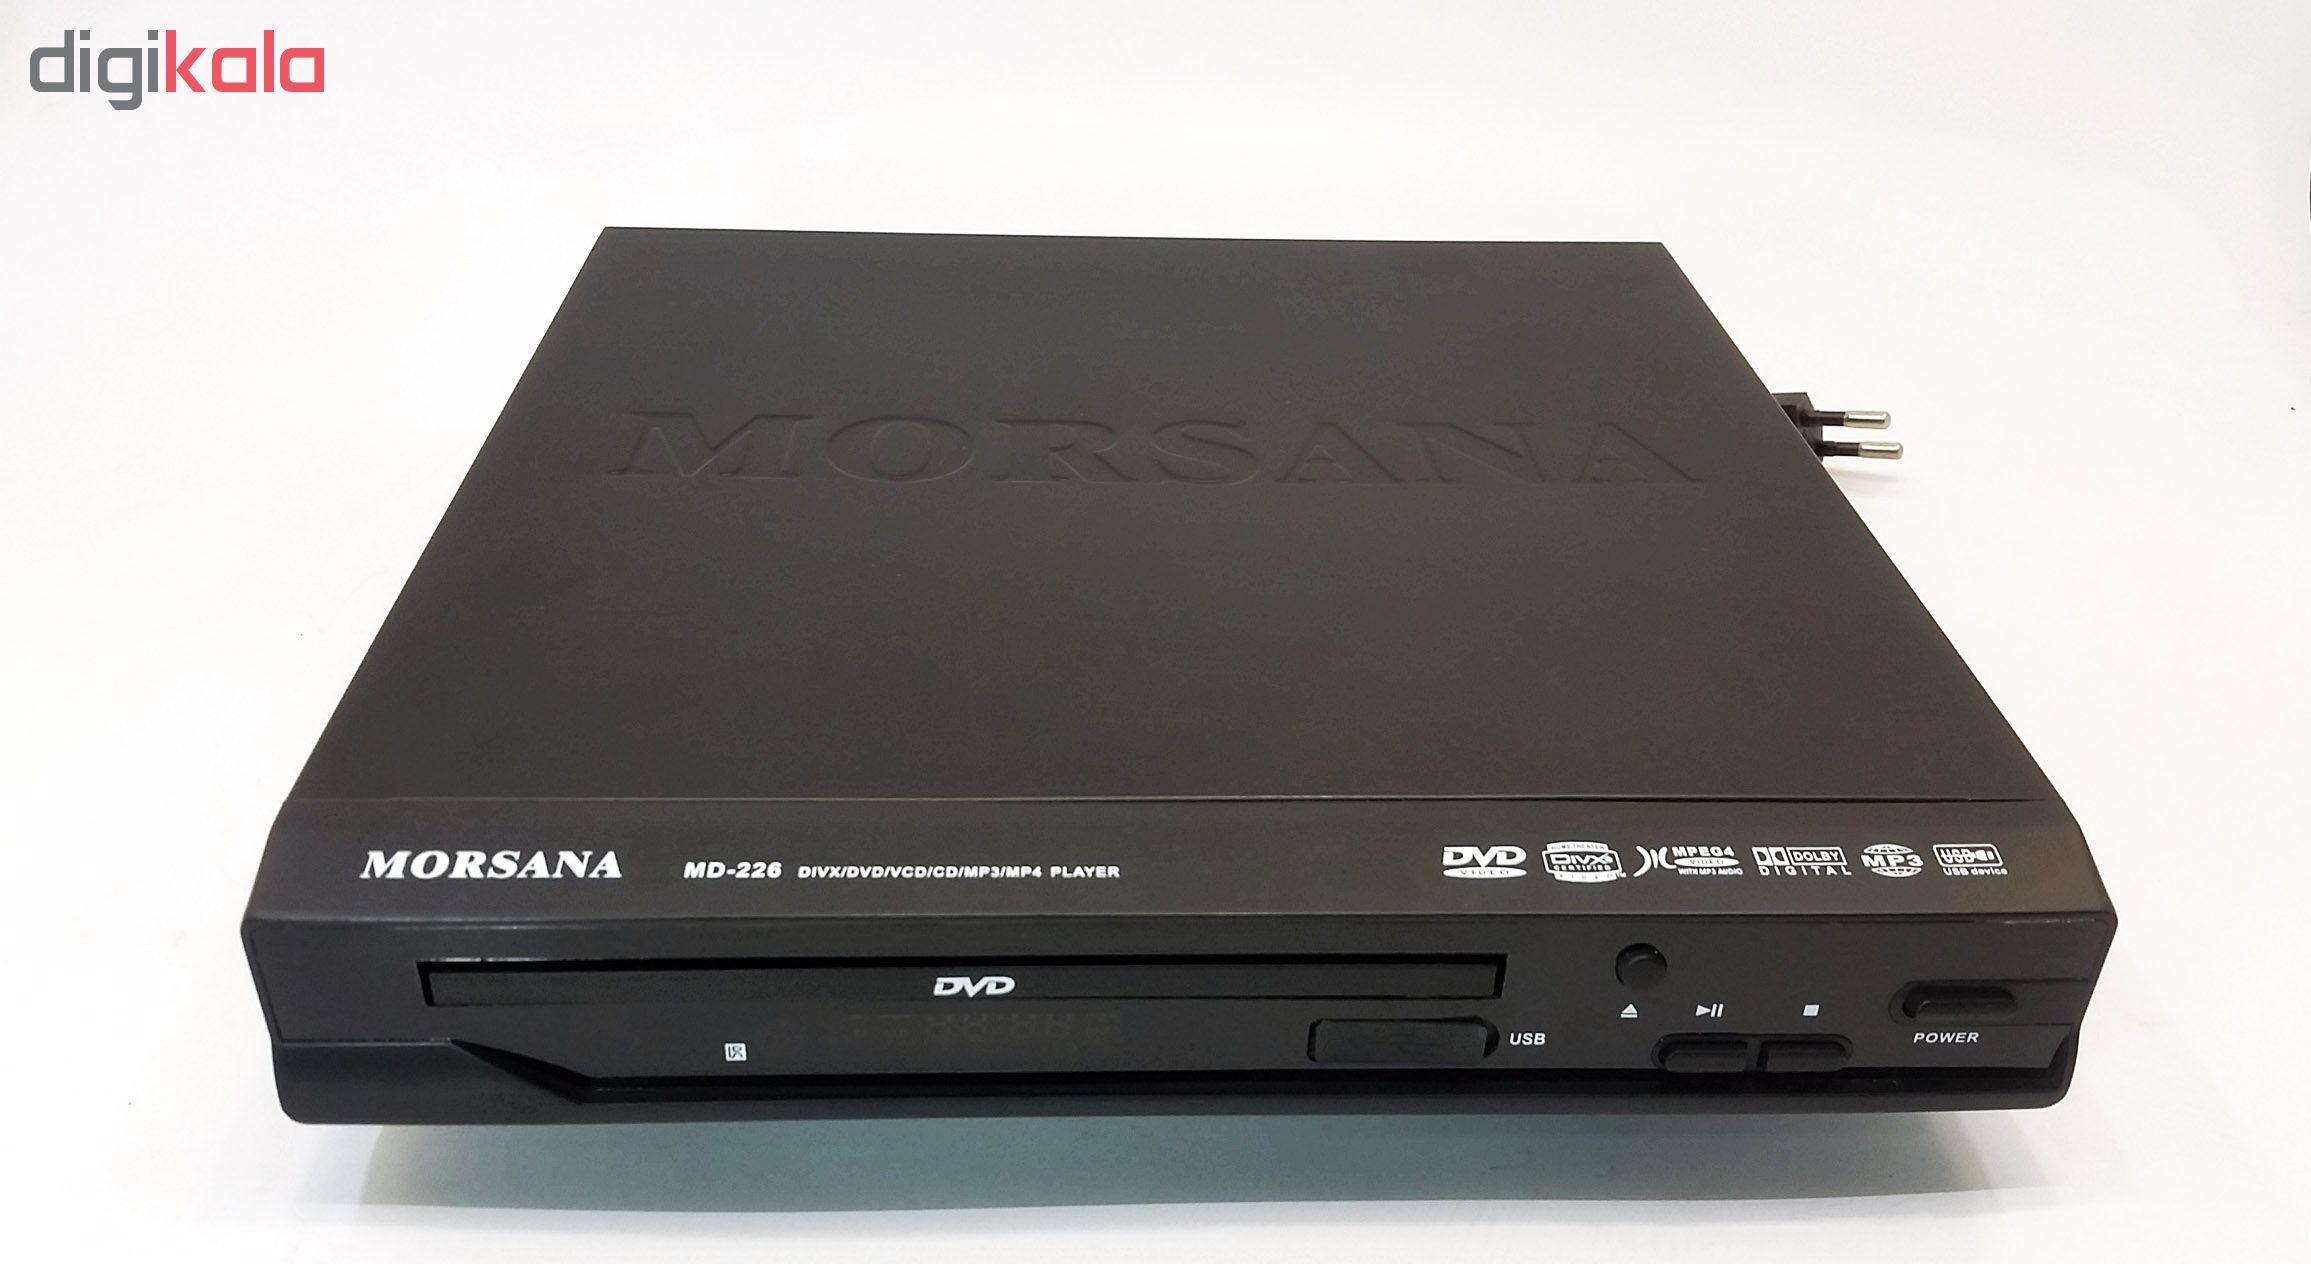 پخش کننده DVD مرسانا مدل MD-226